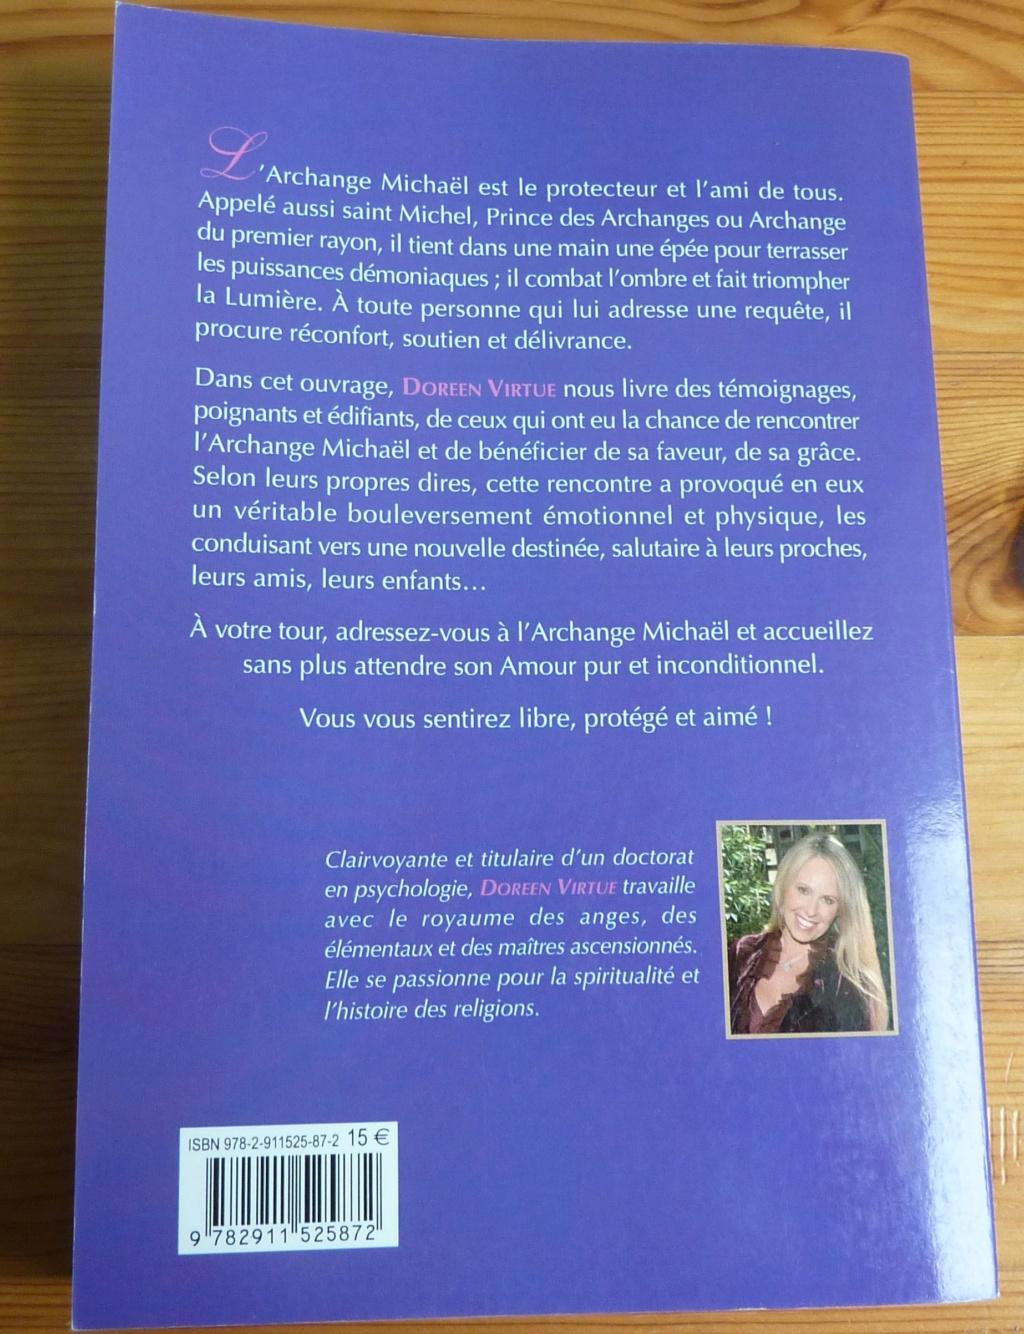 Les miracles de l'Archange Michaël - Doreen Virtue P1010520